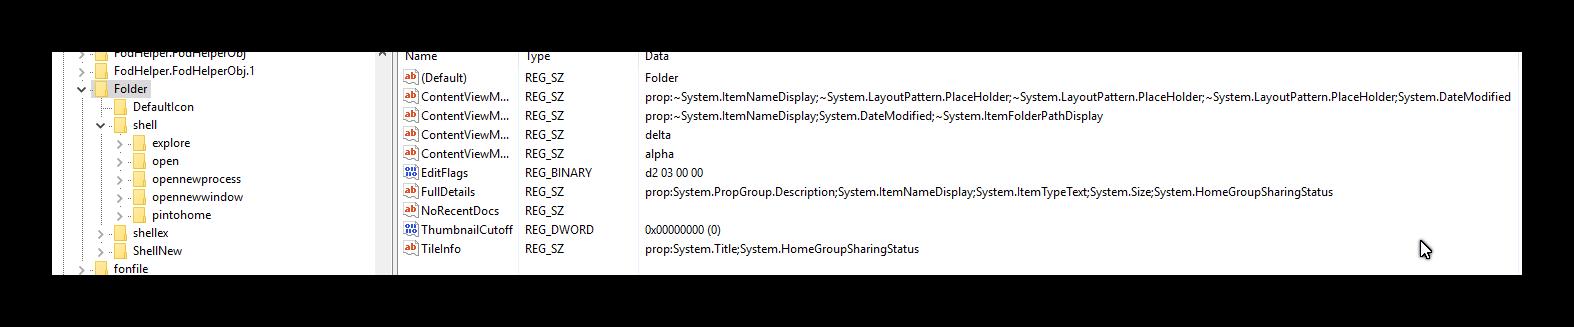 HKCR Folder.png